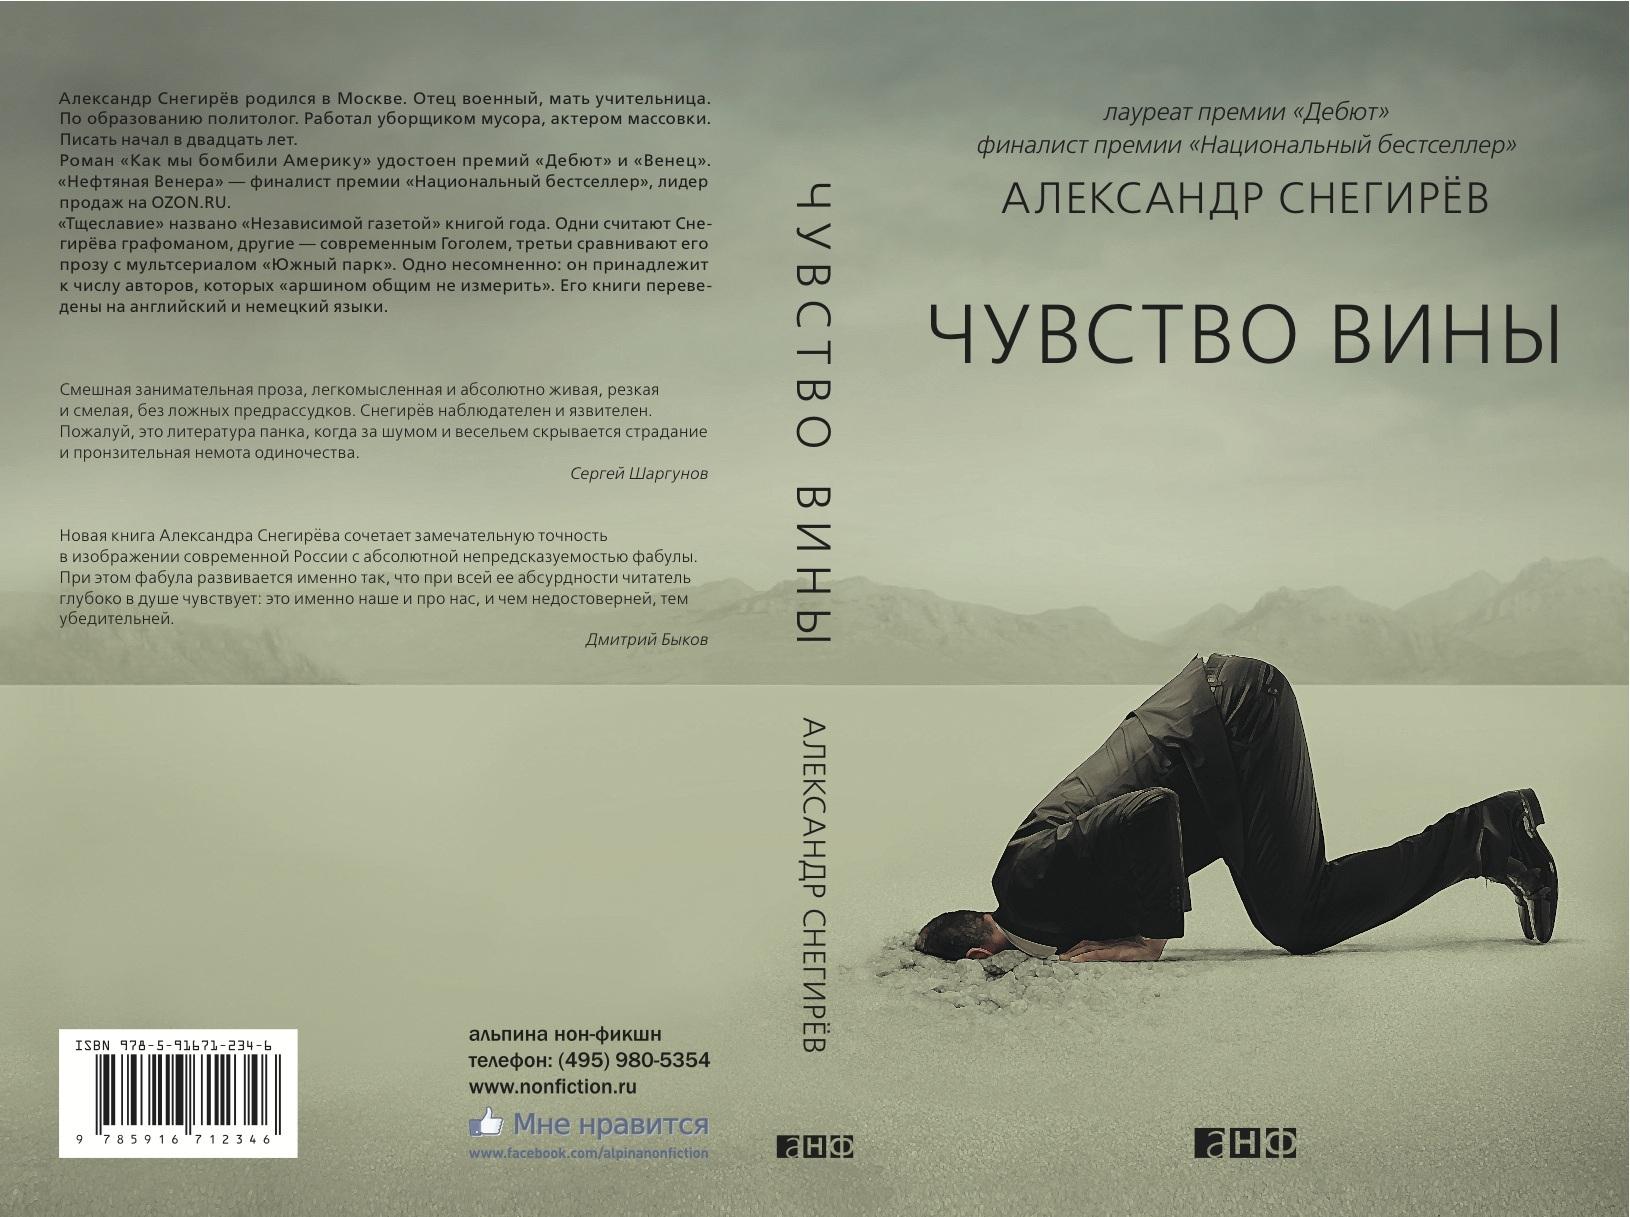 СНЕГИРЕВ обложка chuvstvo viny obl 2012_end #1